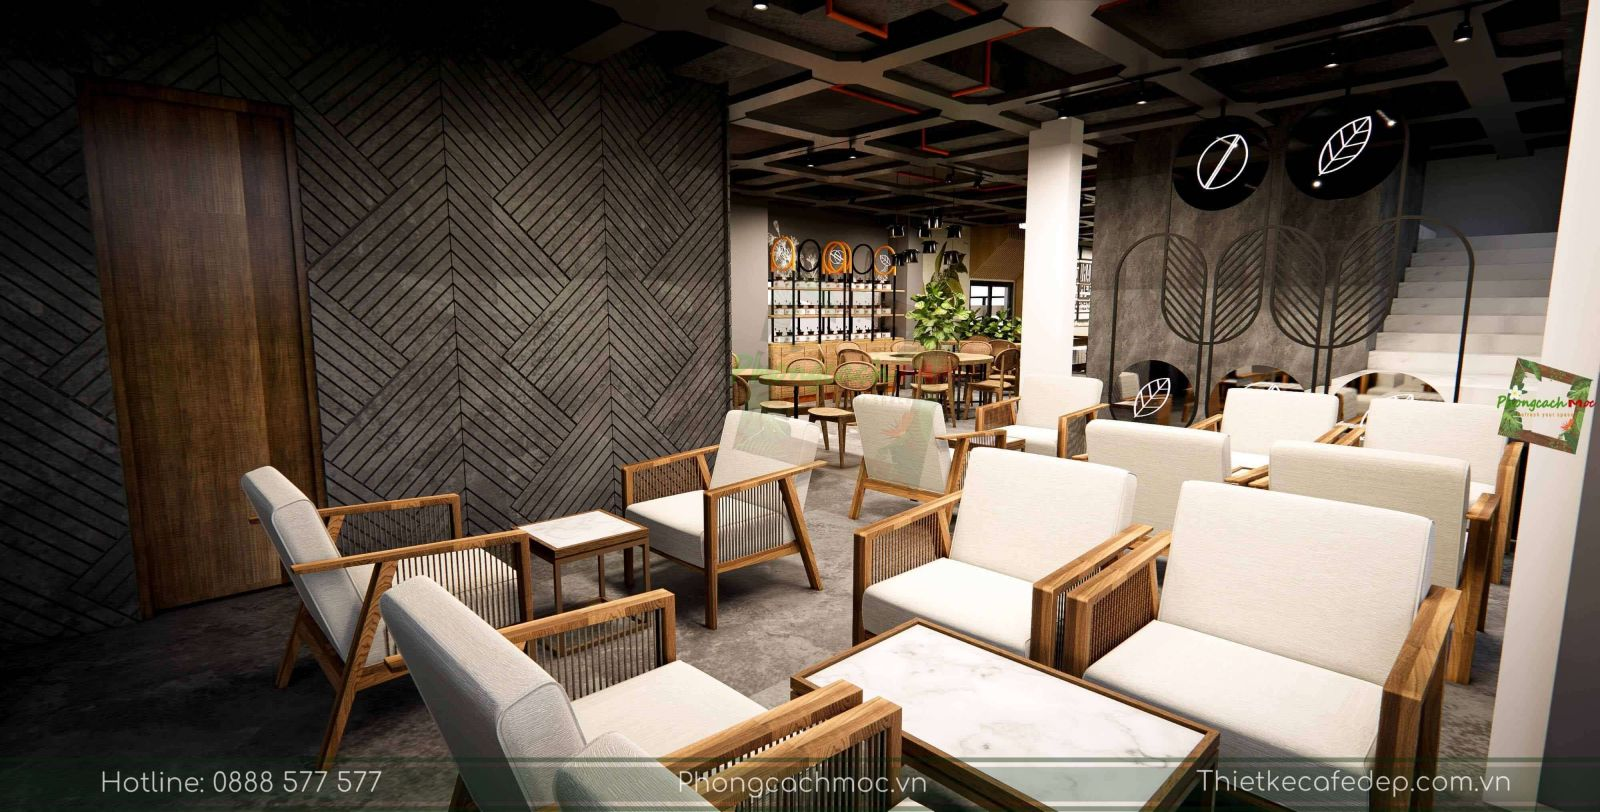 thiet-ke-quan-cafe-mr-phin-chu-van-an-27